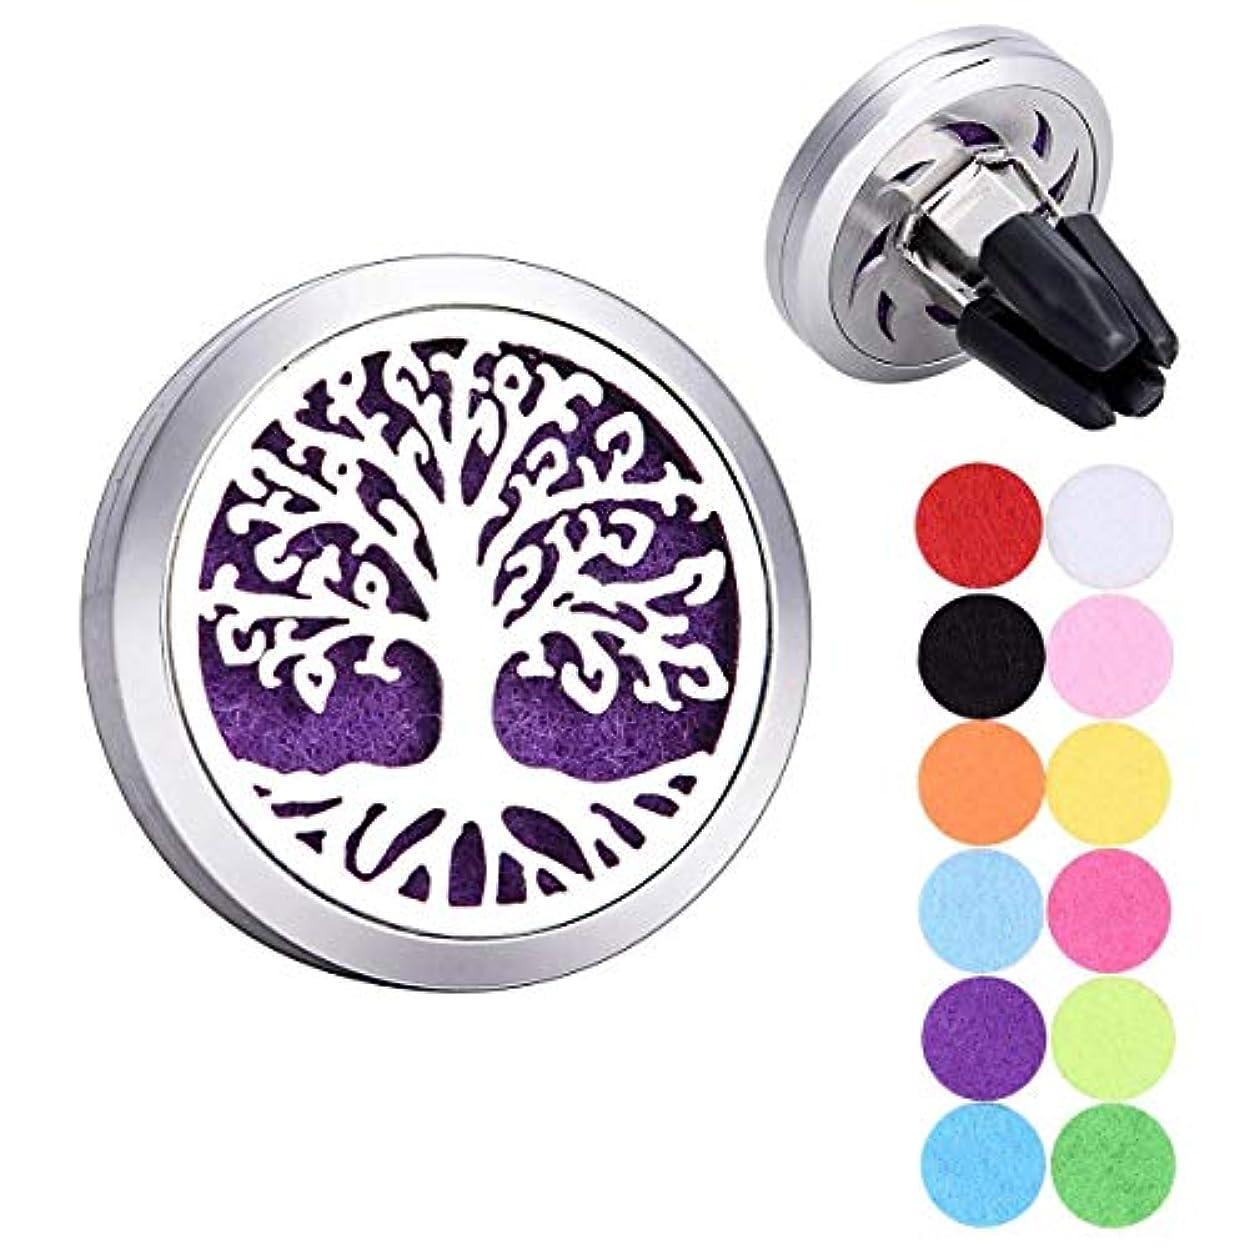 無効大使即席Tree of Life Car Air Freshener Aromatherapy Essential Oil Diffuser 316 Stainless Steel Hollow Locket with Vent...